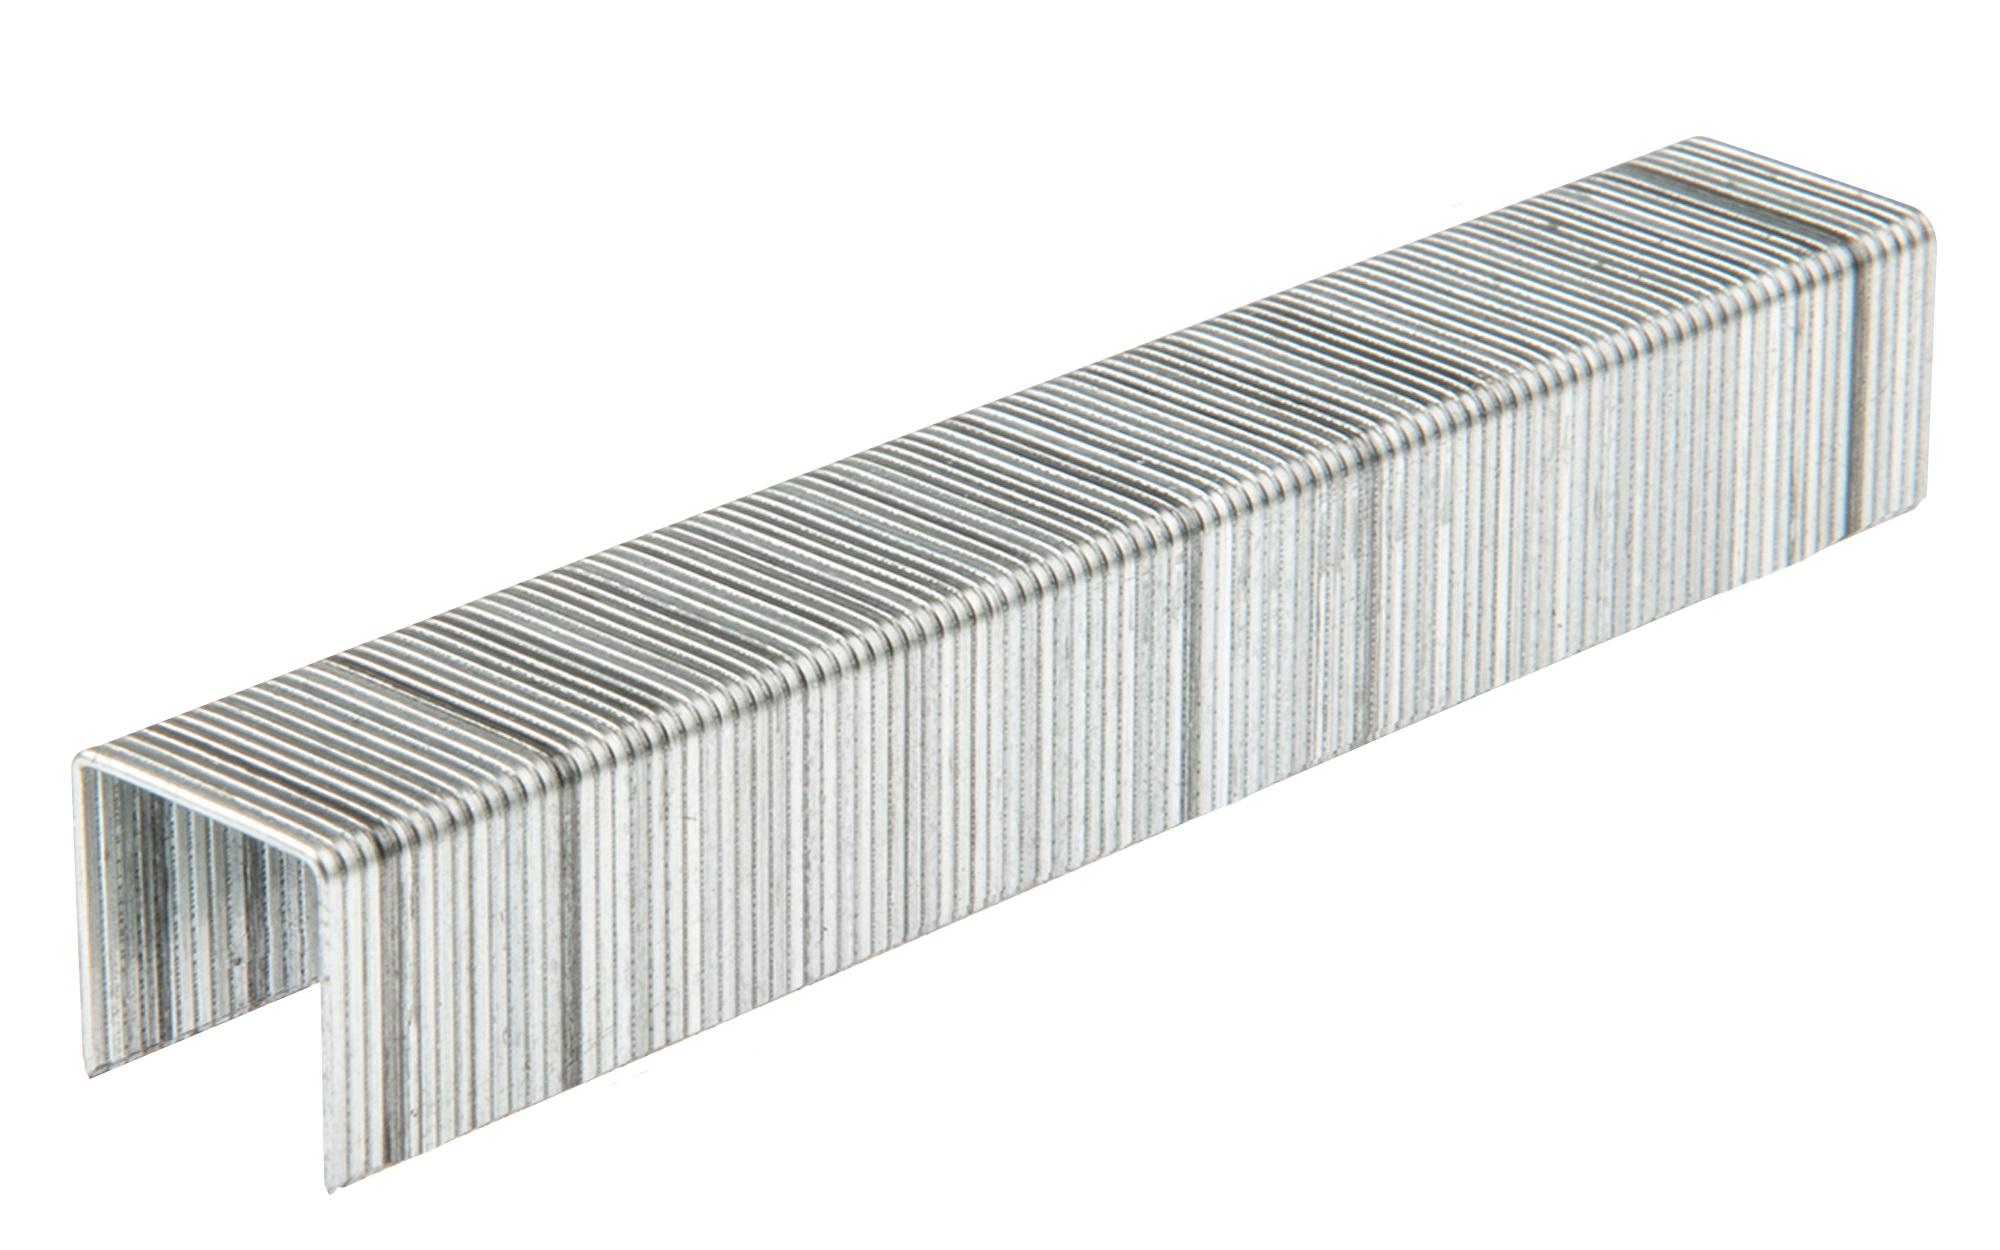 Topex 41E310 Скоби 10 мм, 1000 шт.*1 уп., тип J